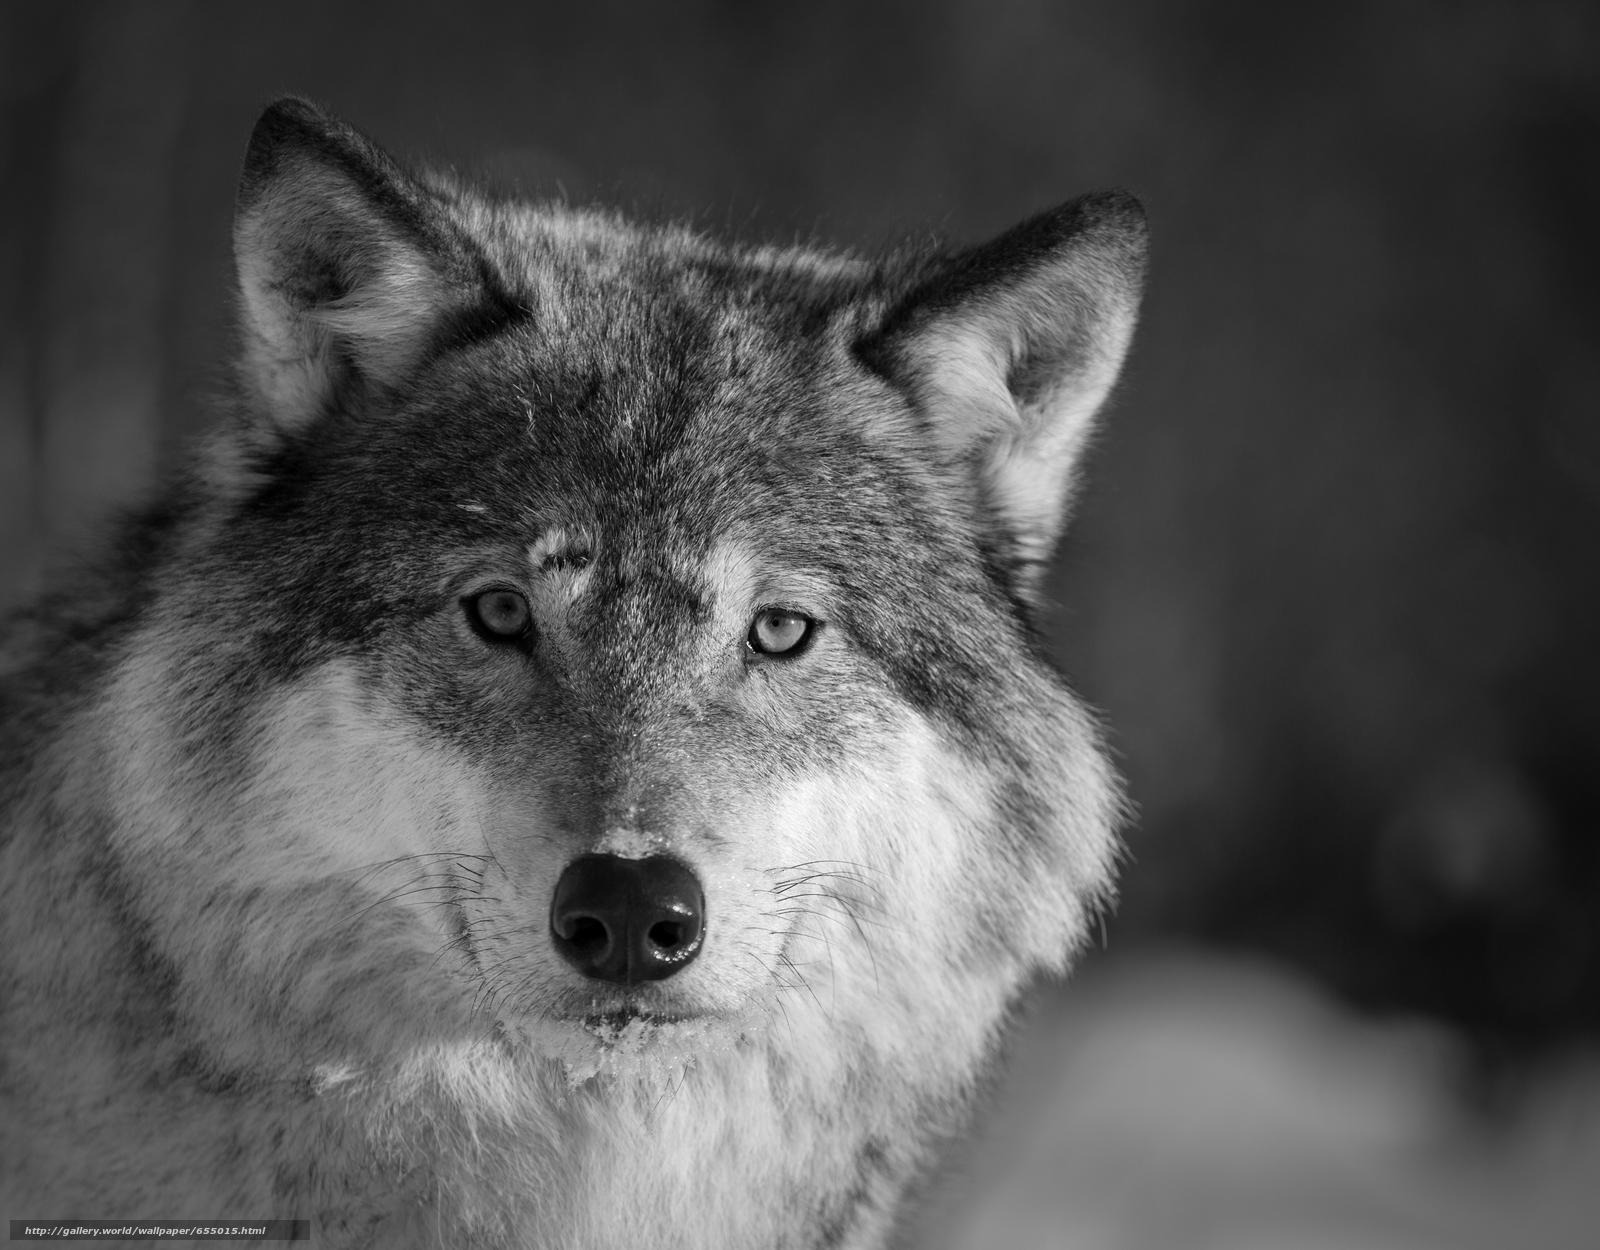 Tlcharger Fond d'ecran loup,  Wolves,  animaux,  hiver Fonds d'ecran gratuits pour votre rsolution du bureau 4278x3343 — image №655015